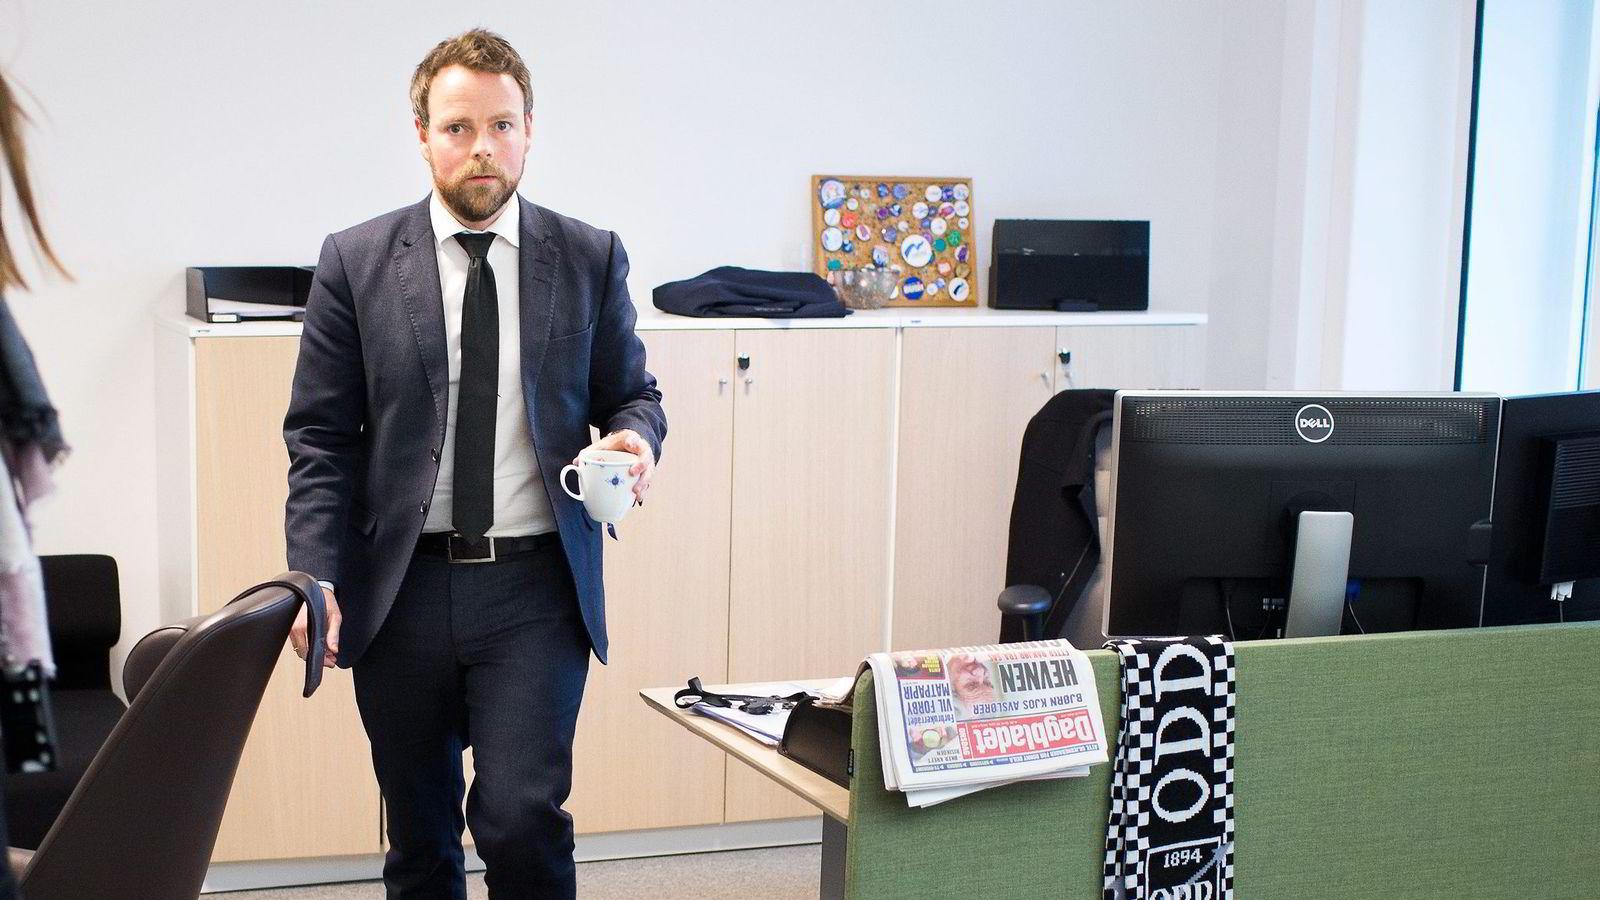 – Deler av kapitaluttaket er både i strid med ordlyden om at det ikke kan gi økonomisk utbytte, og formålet som er at pengene skal komme studentene til gode, sier kunnskapsminister Torbjørn Røe Isaksen.